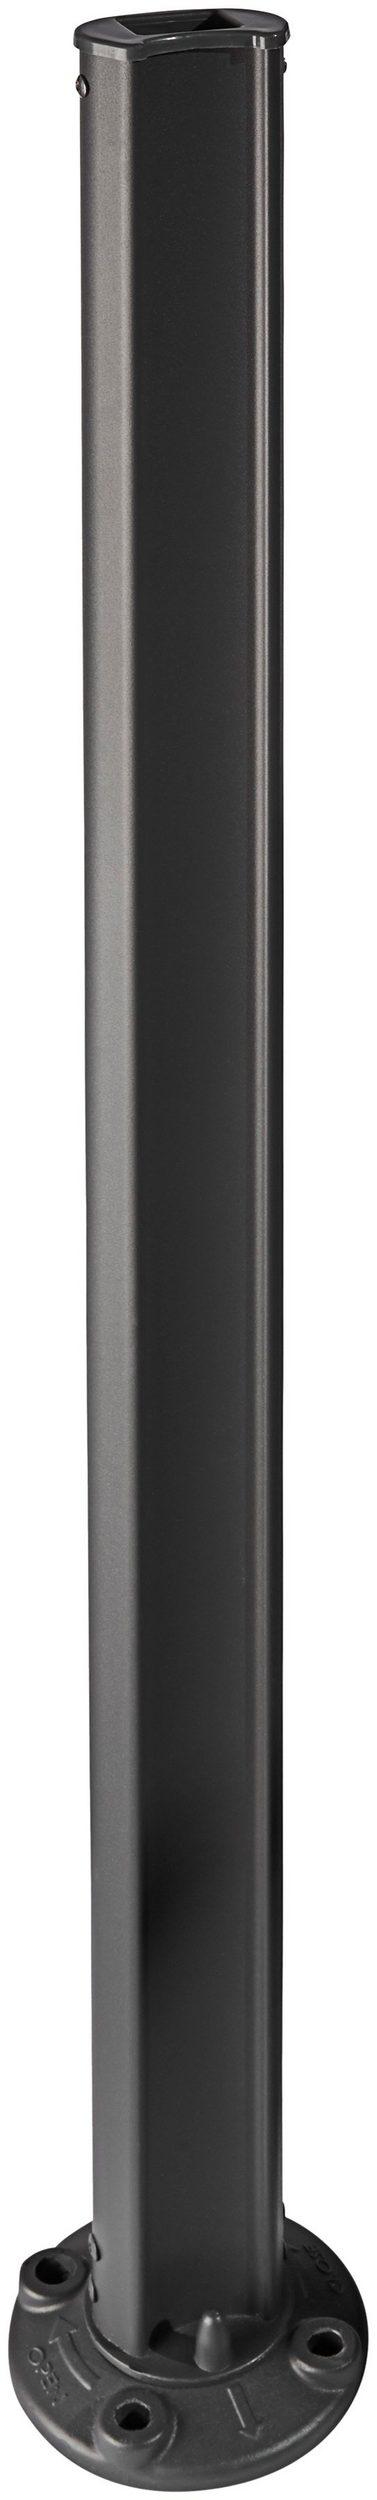 KONIFERA Seitenmarkise BxH:600x160cm B99442339 UVP 149,99€ | 99442339 5